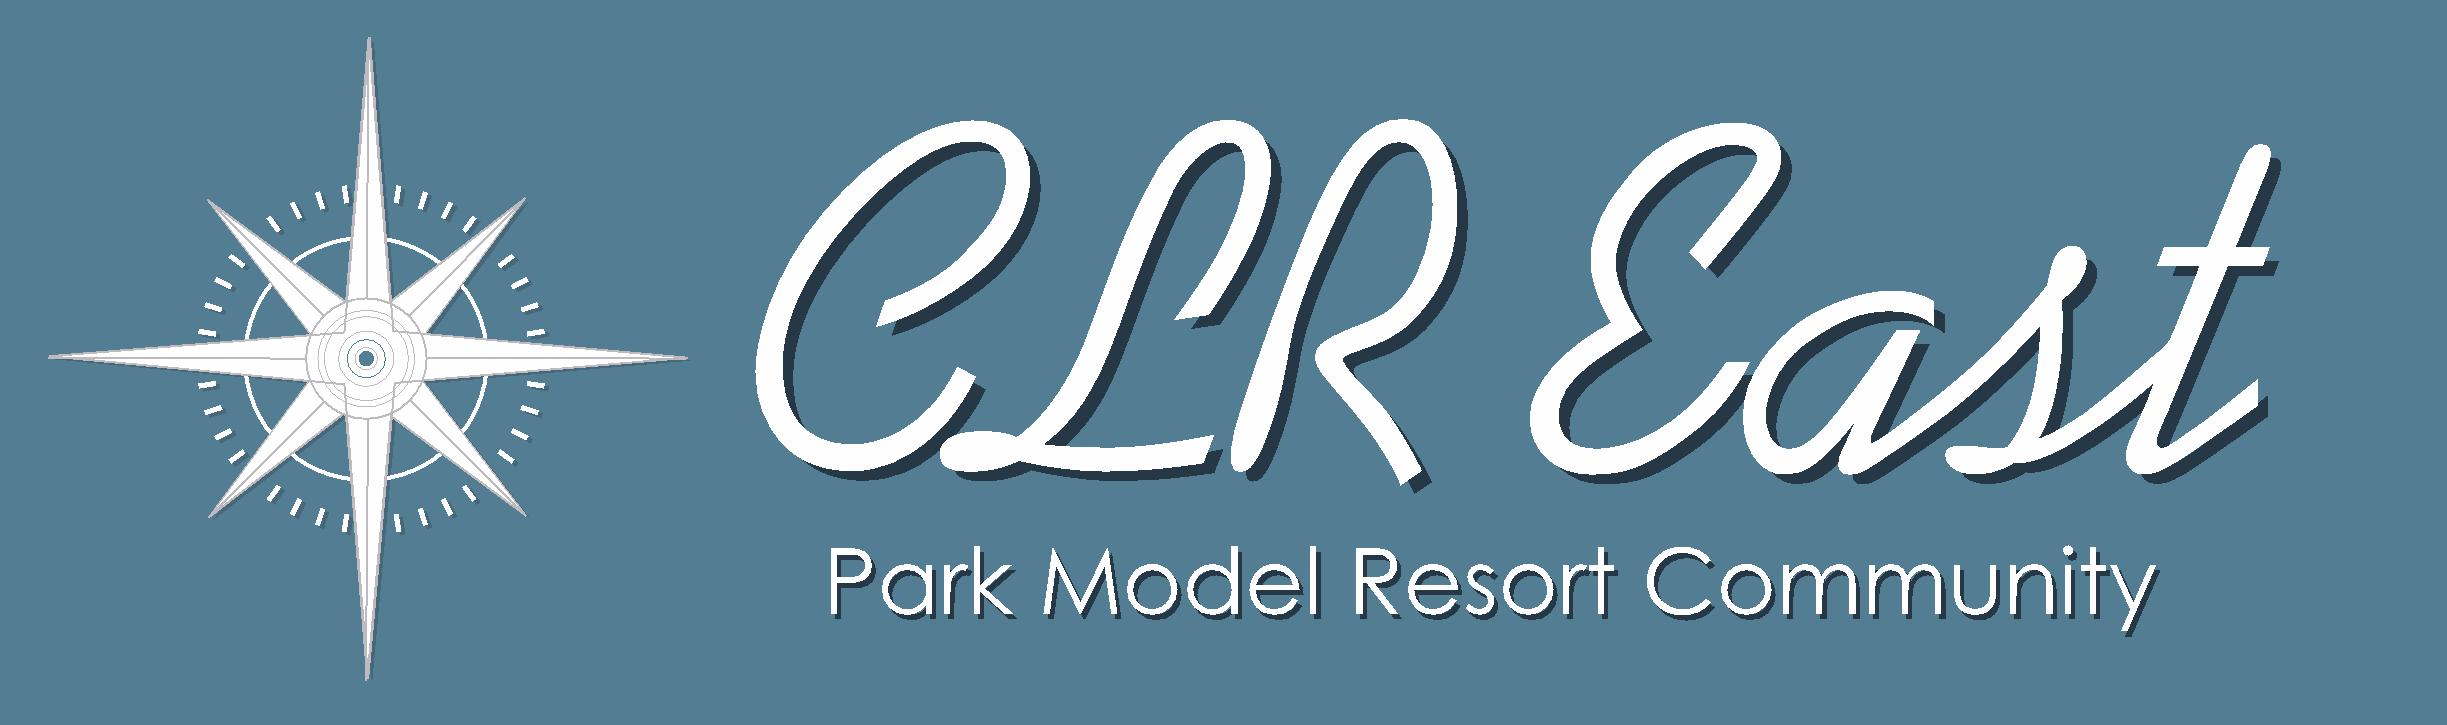 carol-lynn-resorts